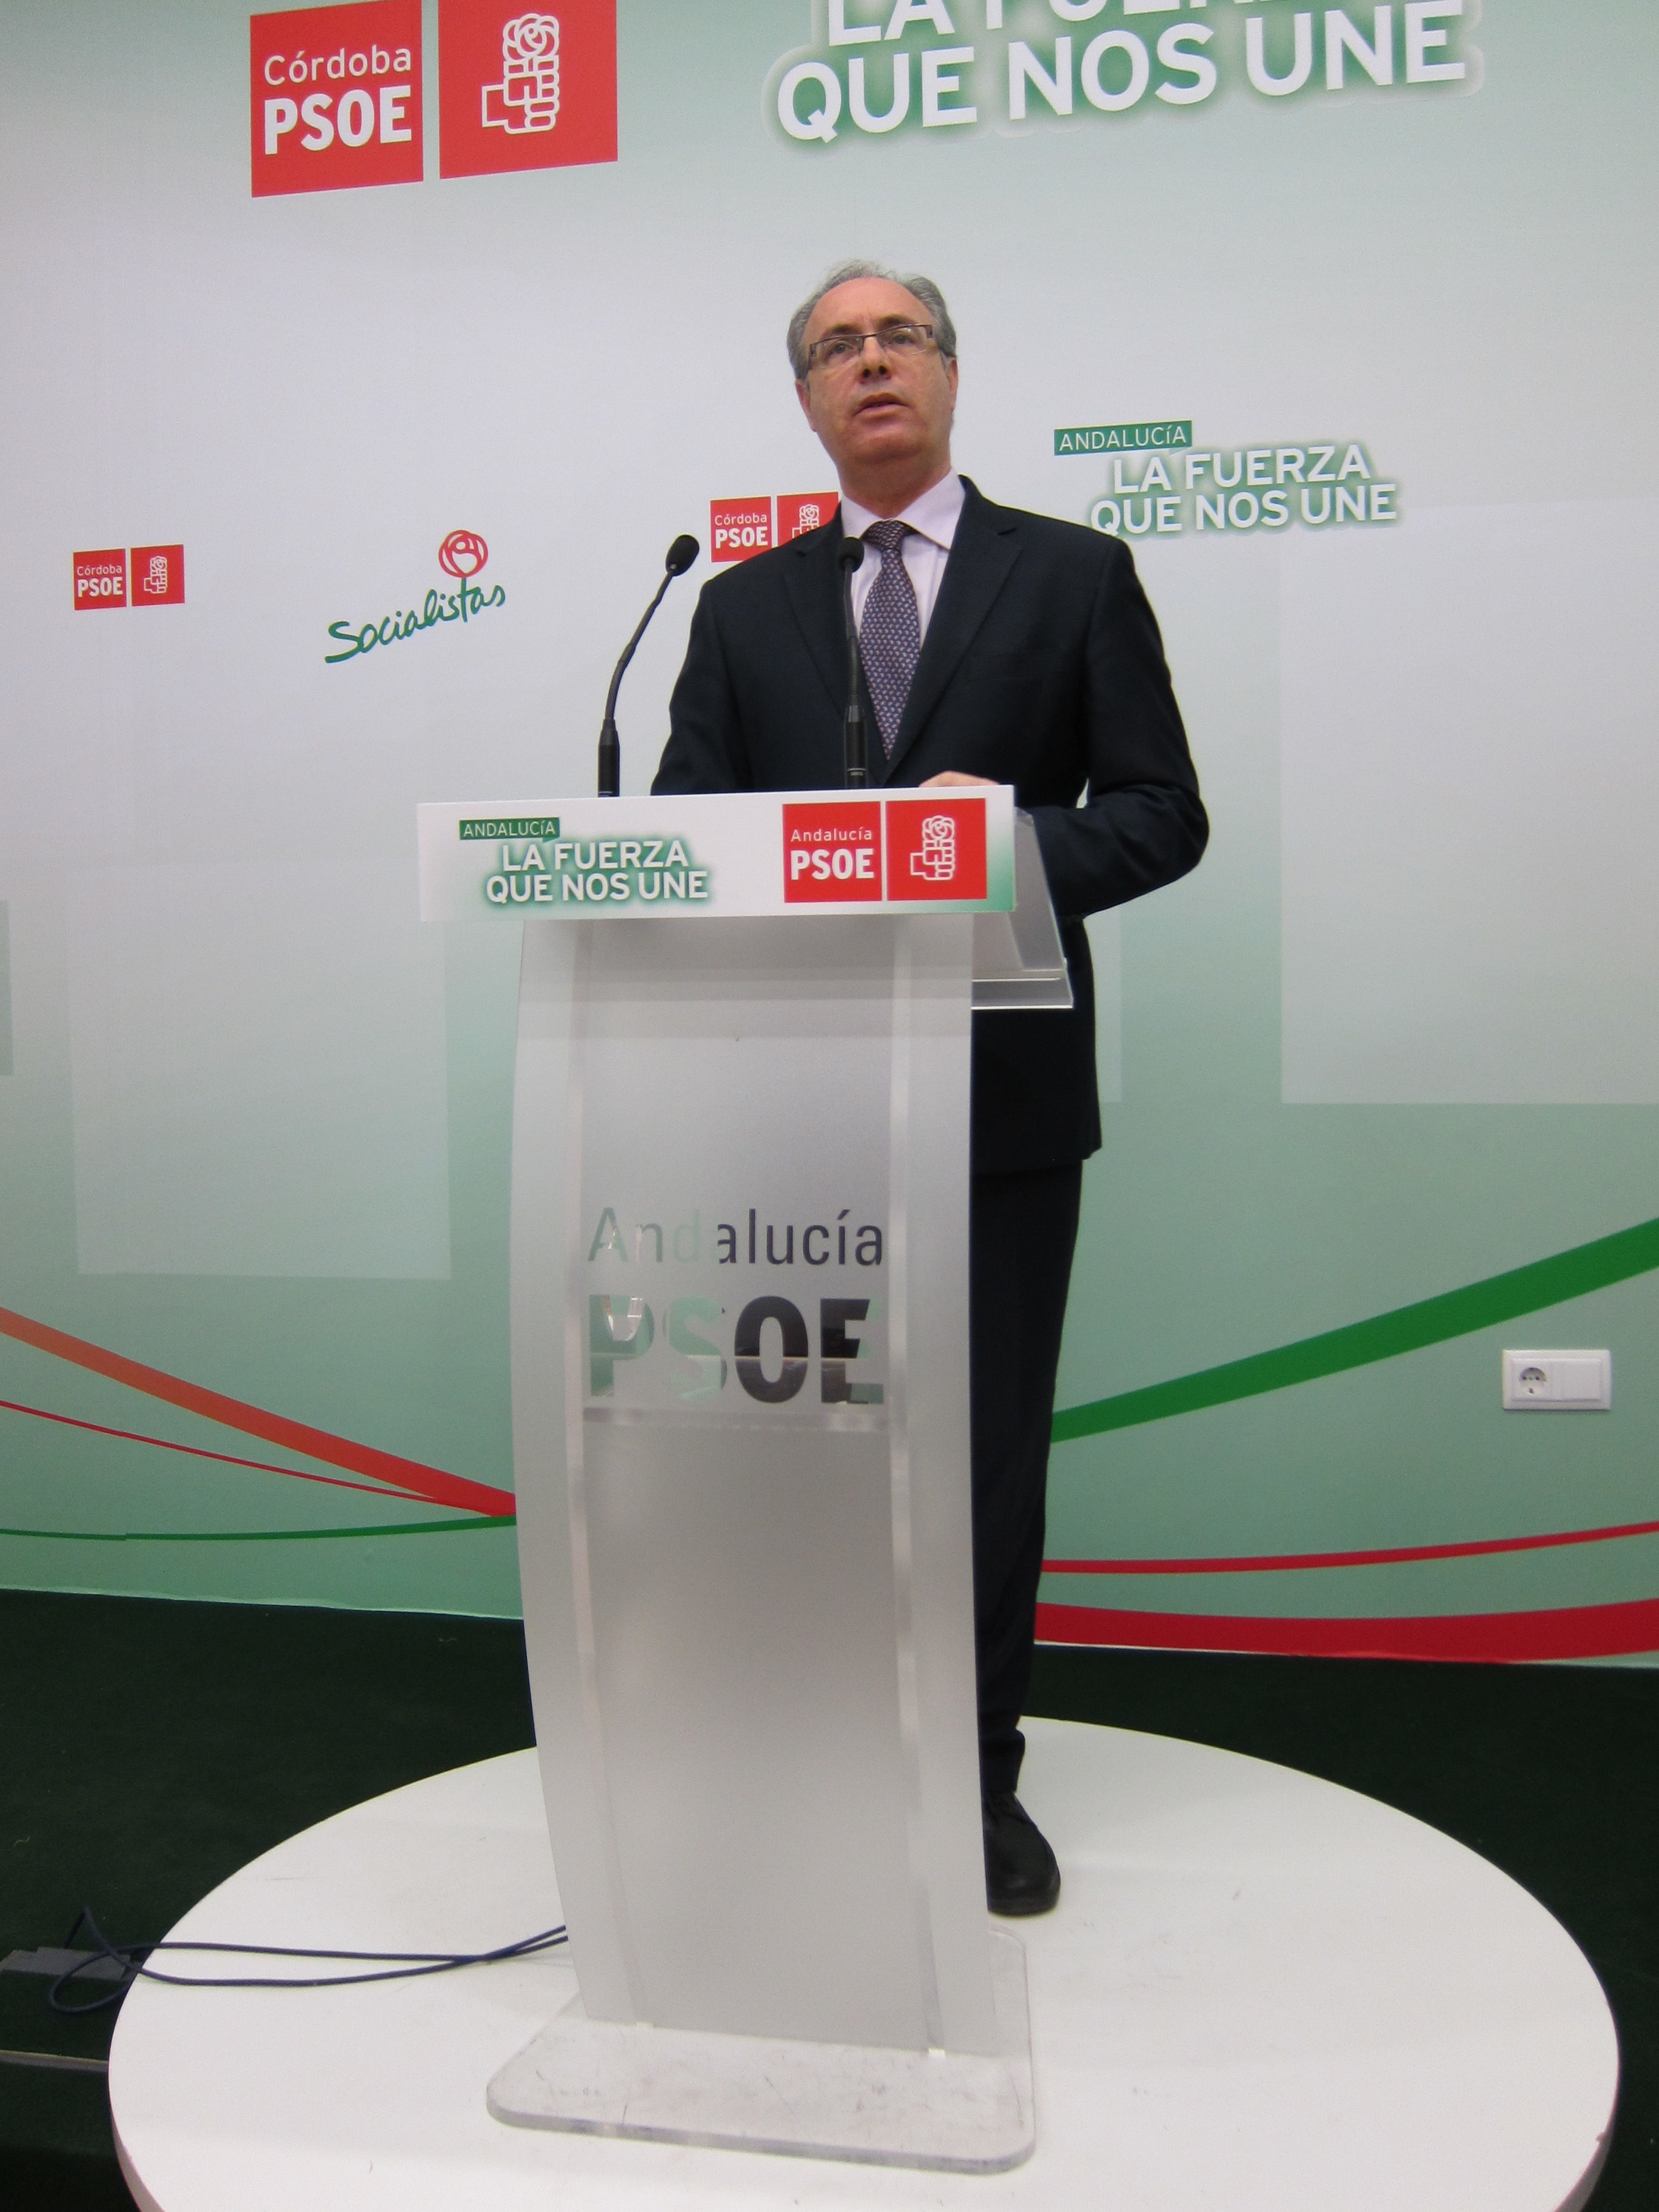 Durán acusa a Nieto de no defender los intereses de Córdoba ante Rajoy, como con la ampliación del Cabril